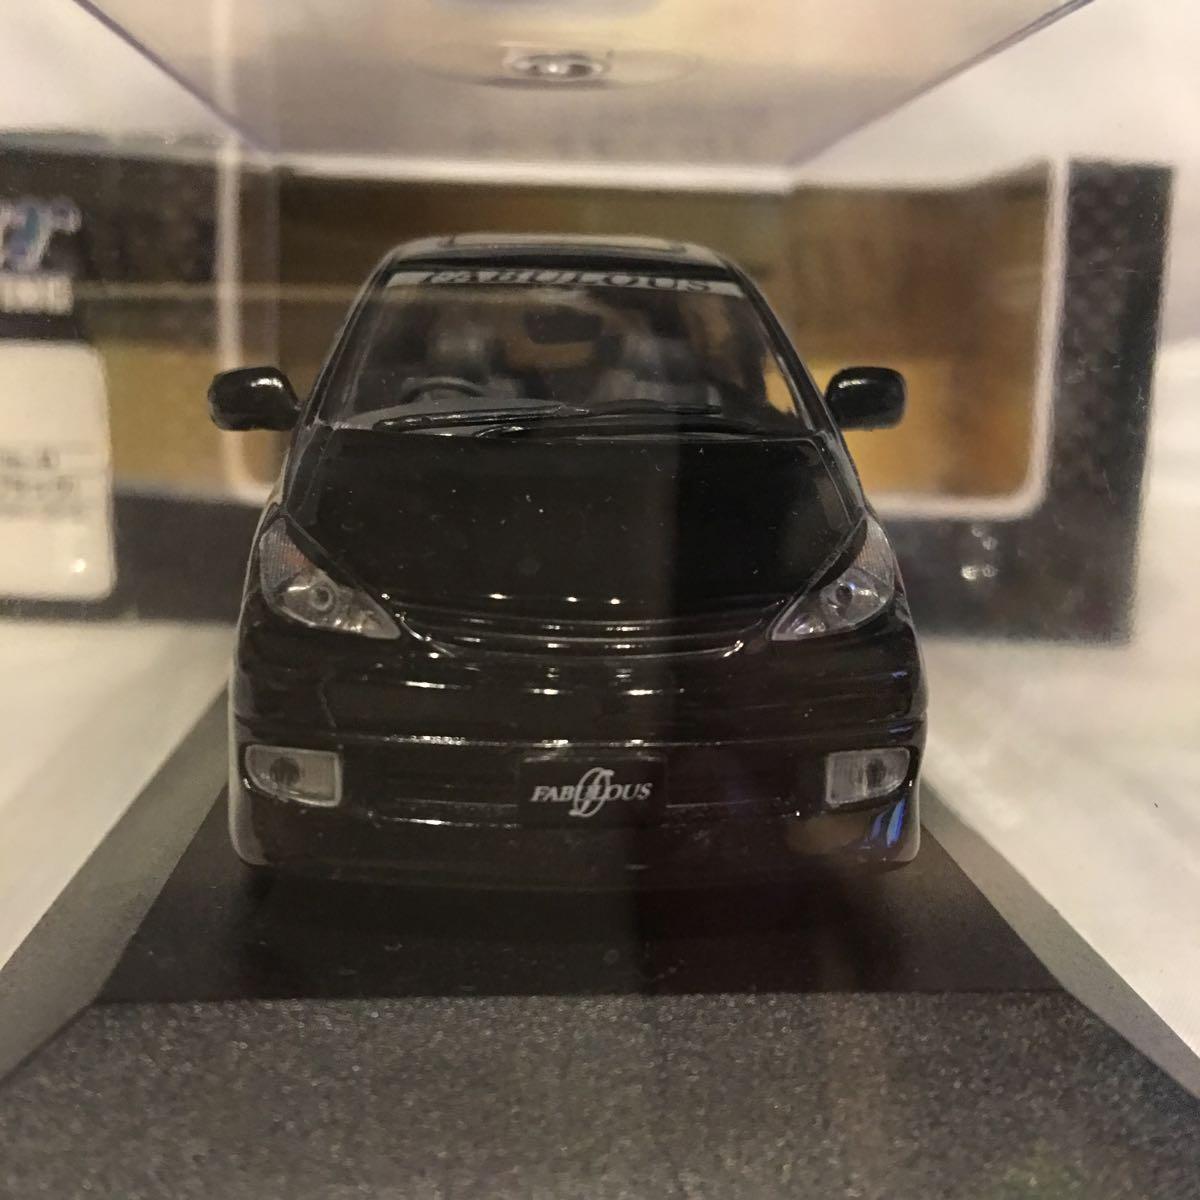 アオシマ 1/43 FABULOUS ACR MCR トヨタ エスティマ ブラック ミニカー ファブレス エアロ ホイール カスタム モデルカー 黒色 ESTIMA_画像8